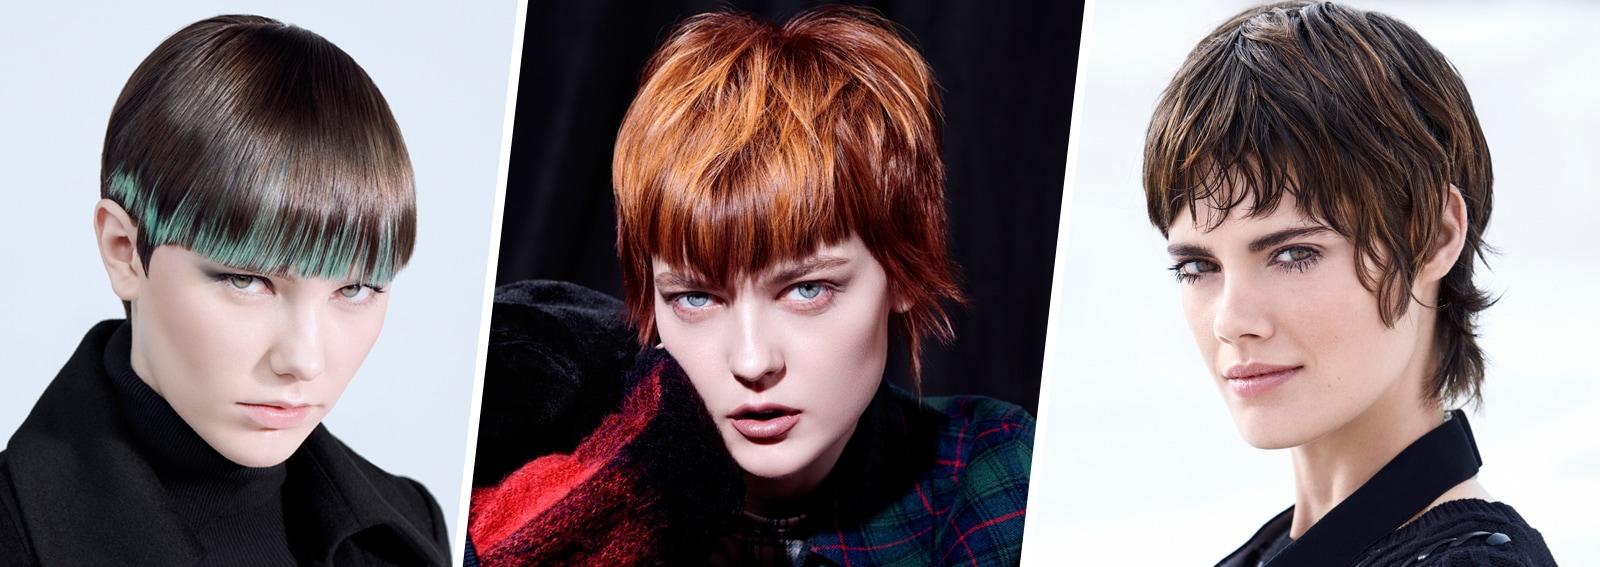 tagli di capelli corti saloni autunno inverno 2019 2020 DESTOP